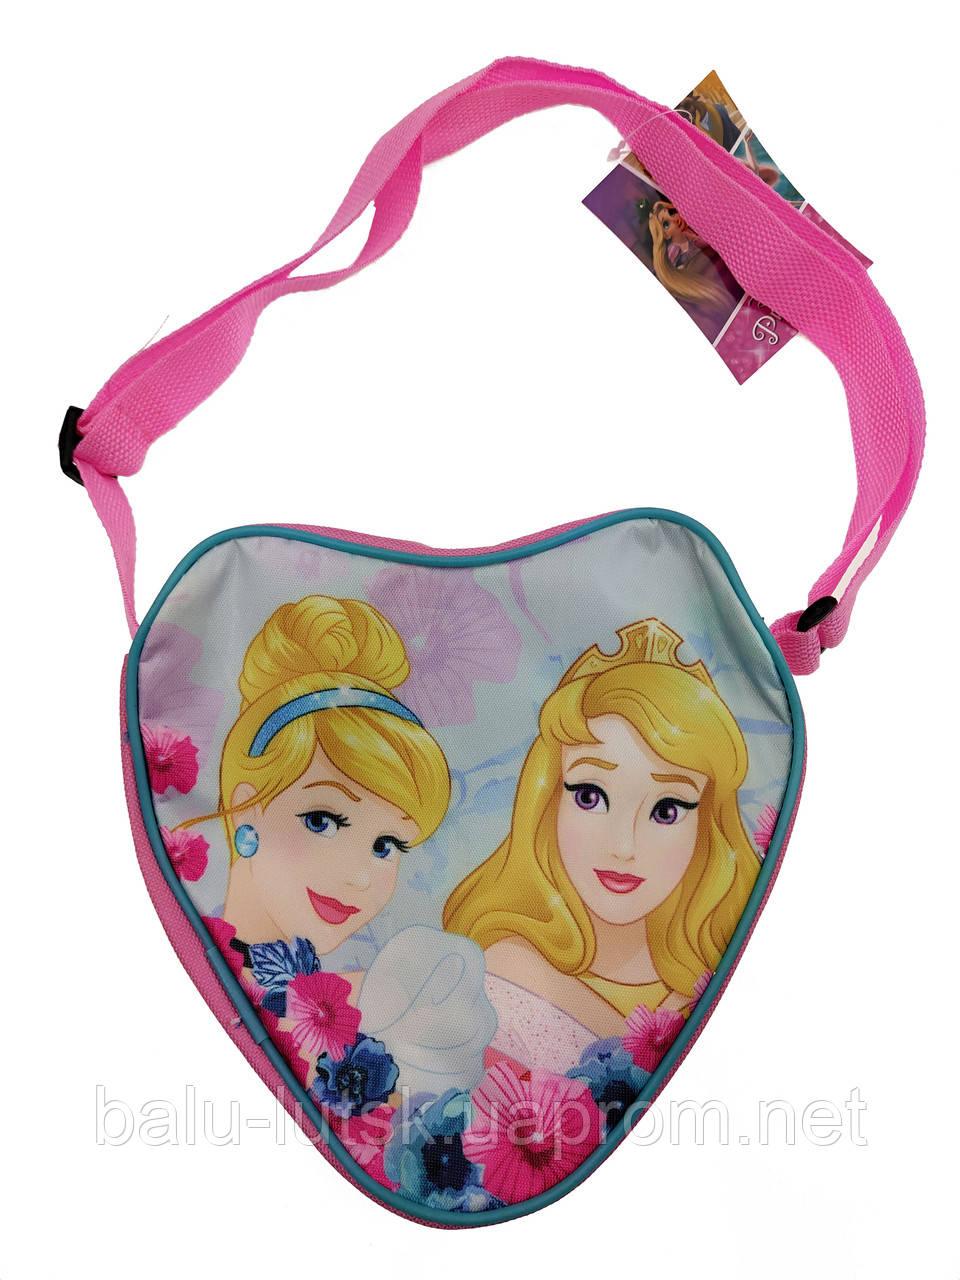 e1e7bce318e7 Сумка для девочки оптом : продажа, цена в Луцке. сумки и рюкзаки ...